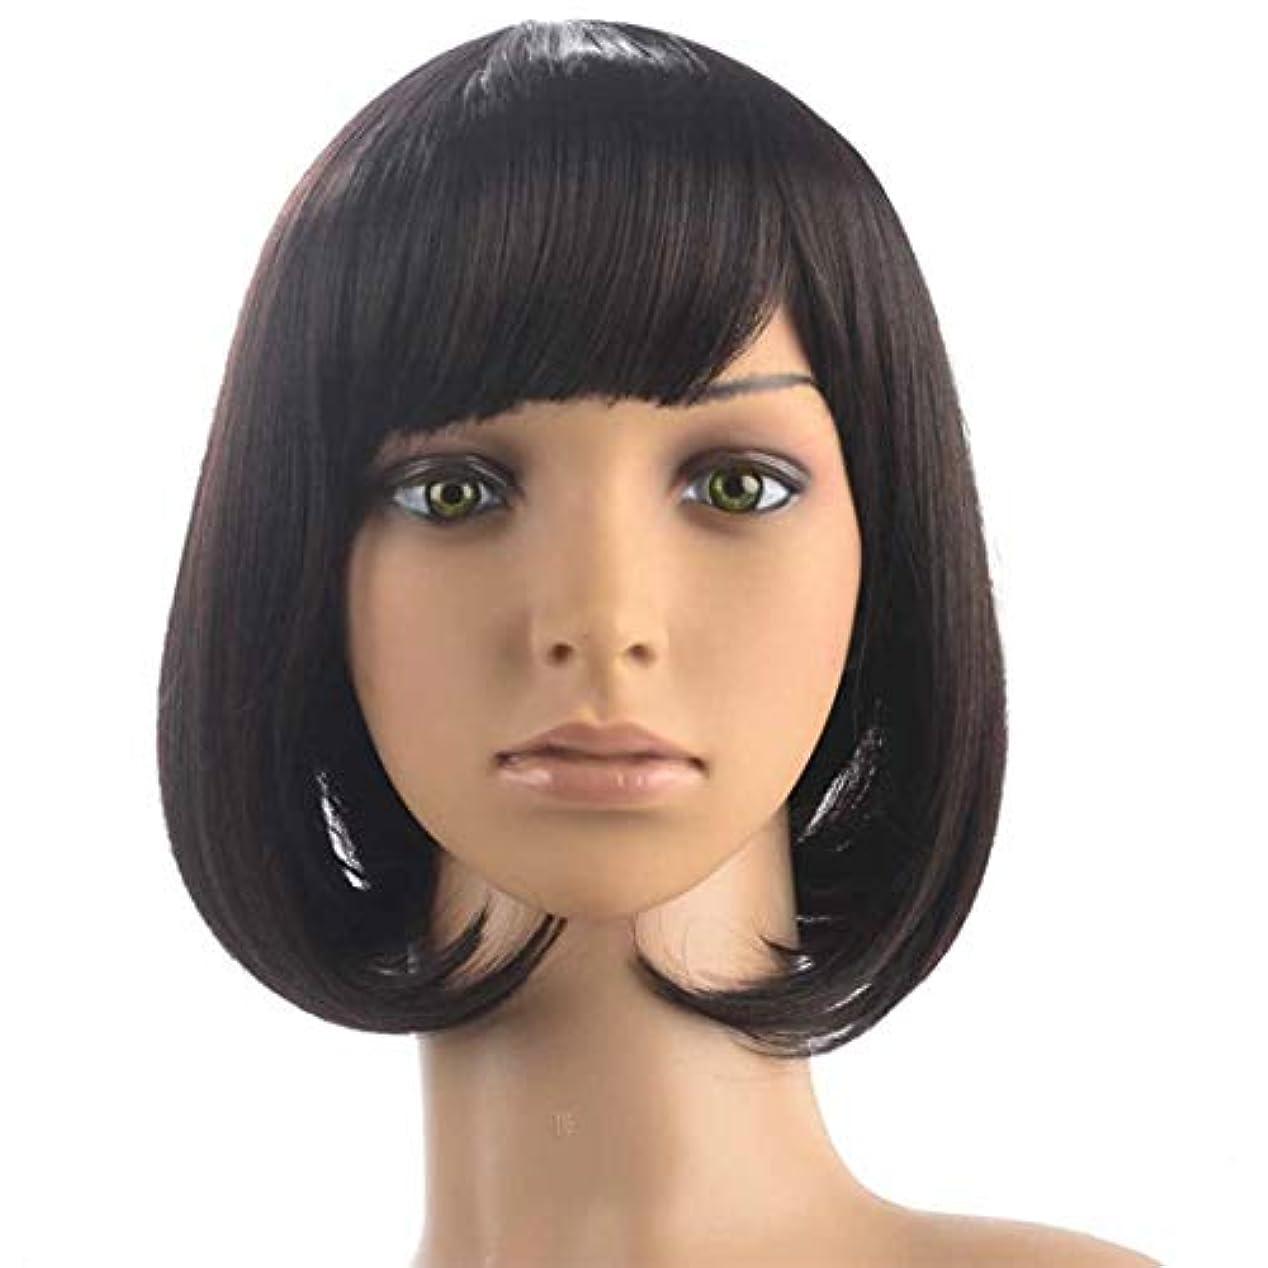 アナリスト国家流行YOUQIU マイクロボリュームショートヘアかわいいスタイリングヨーロッパやアメリカのウィッグピュアブラックコスプレウィッグウィッグ (色 : 黒)